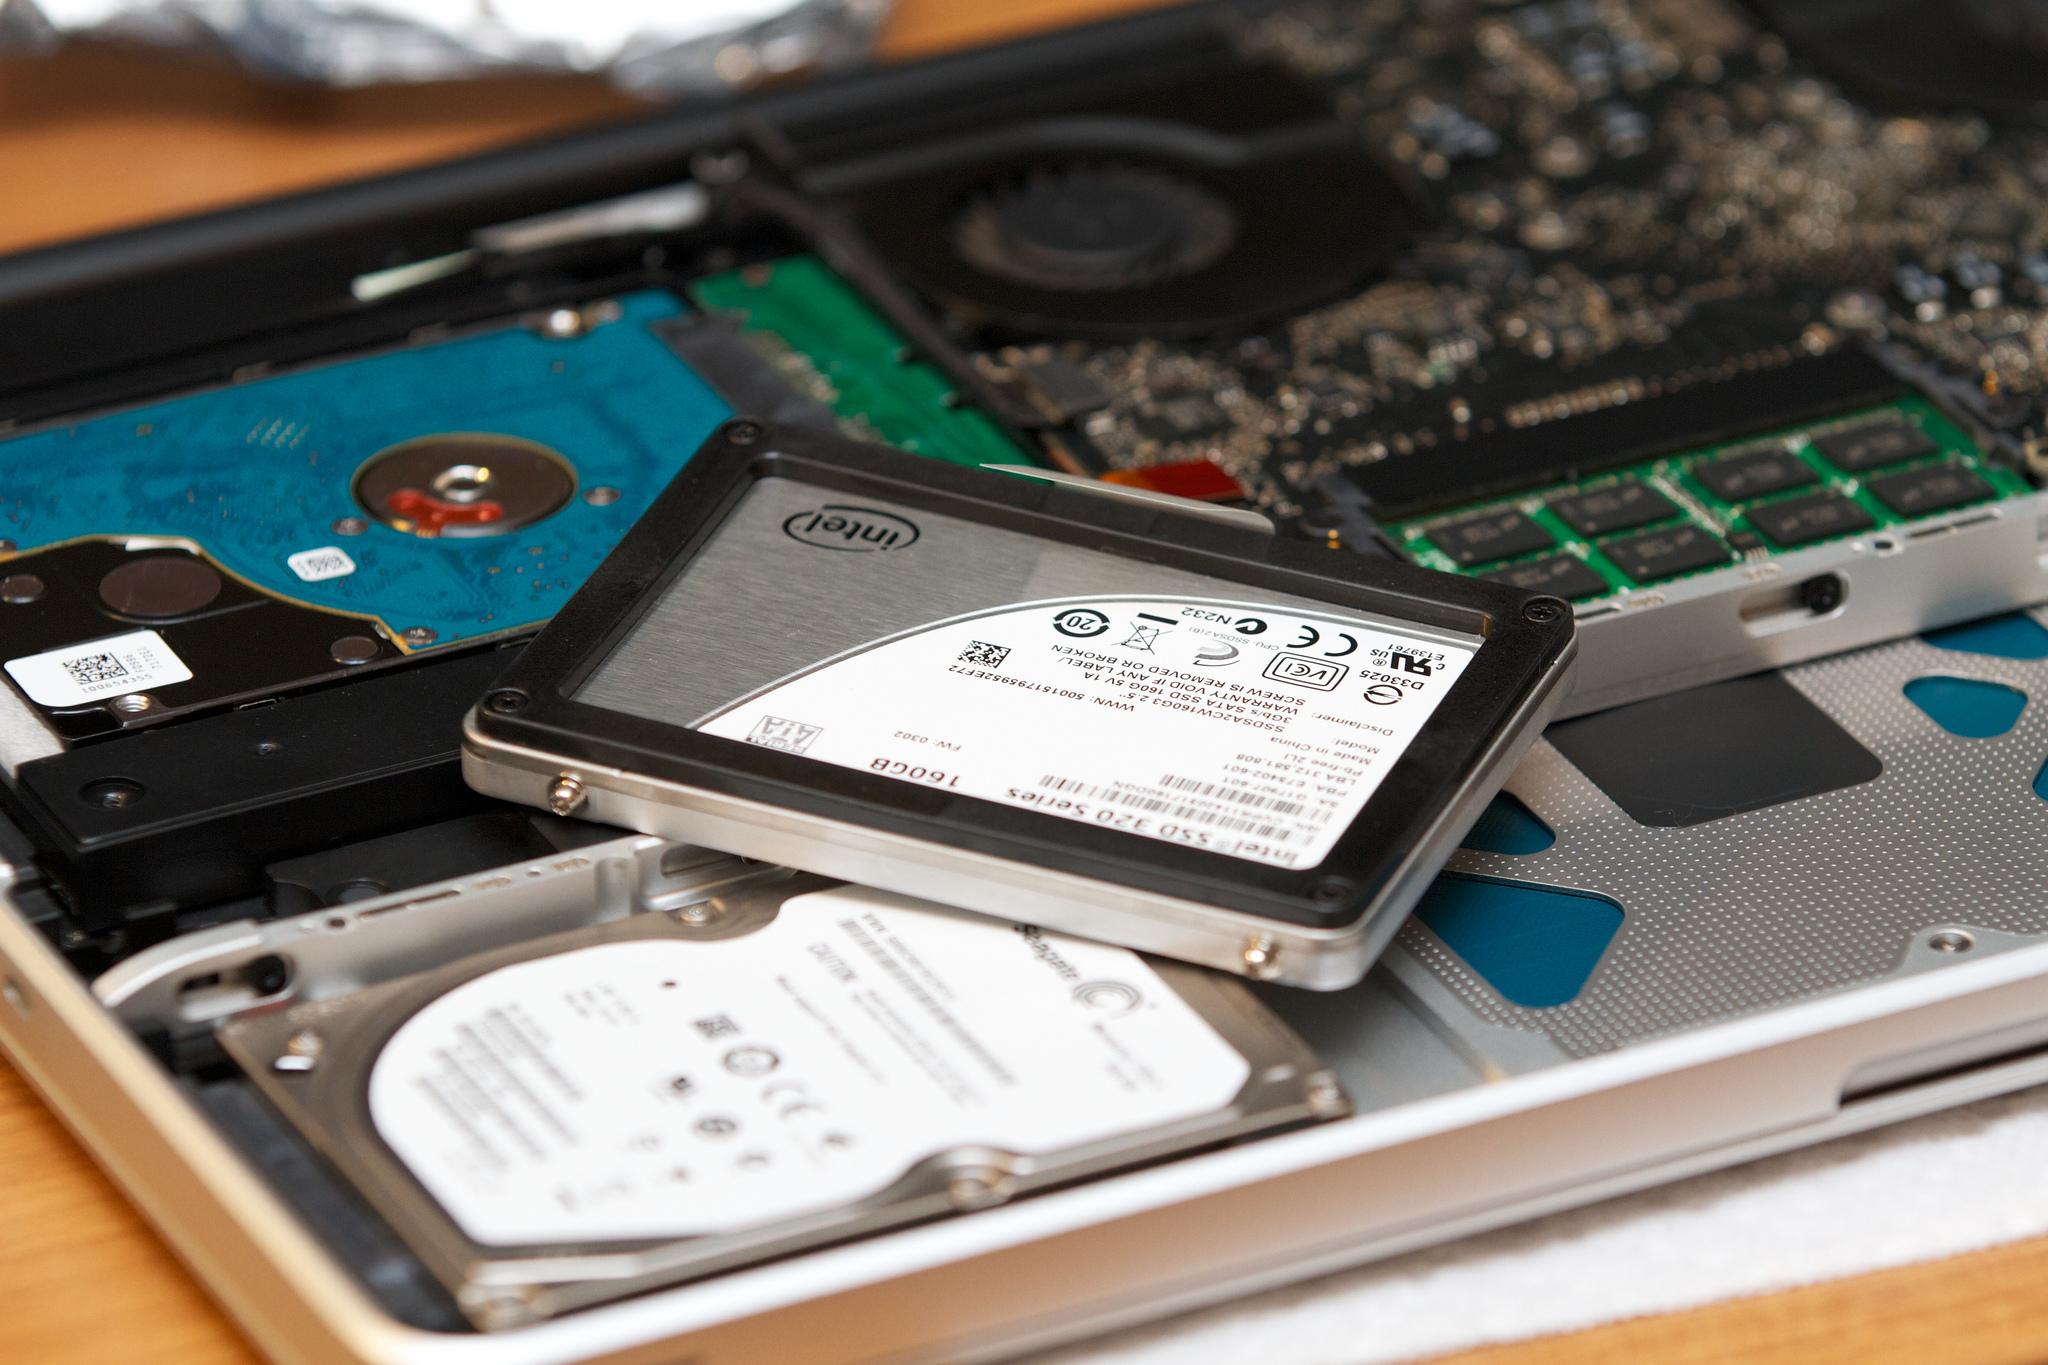 今更だけどSSDって凄かった。まだHDDで消耗してるの?